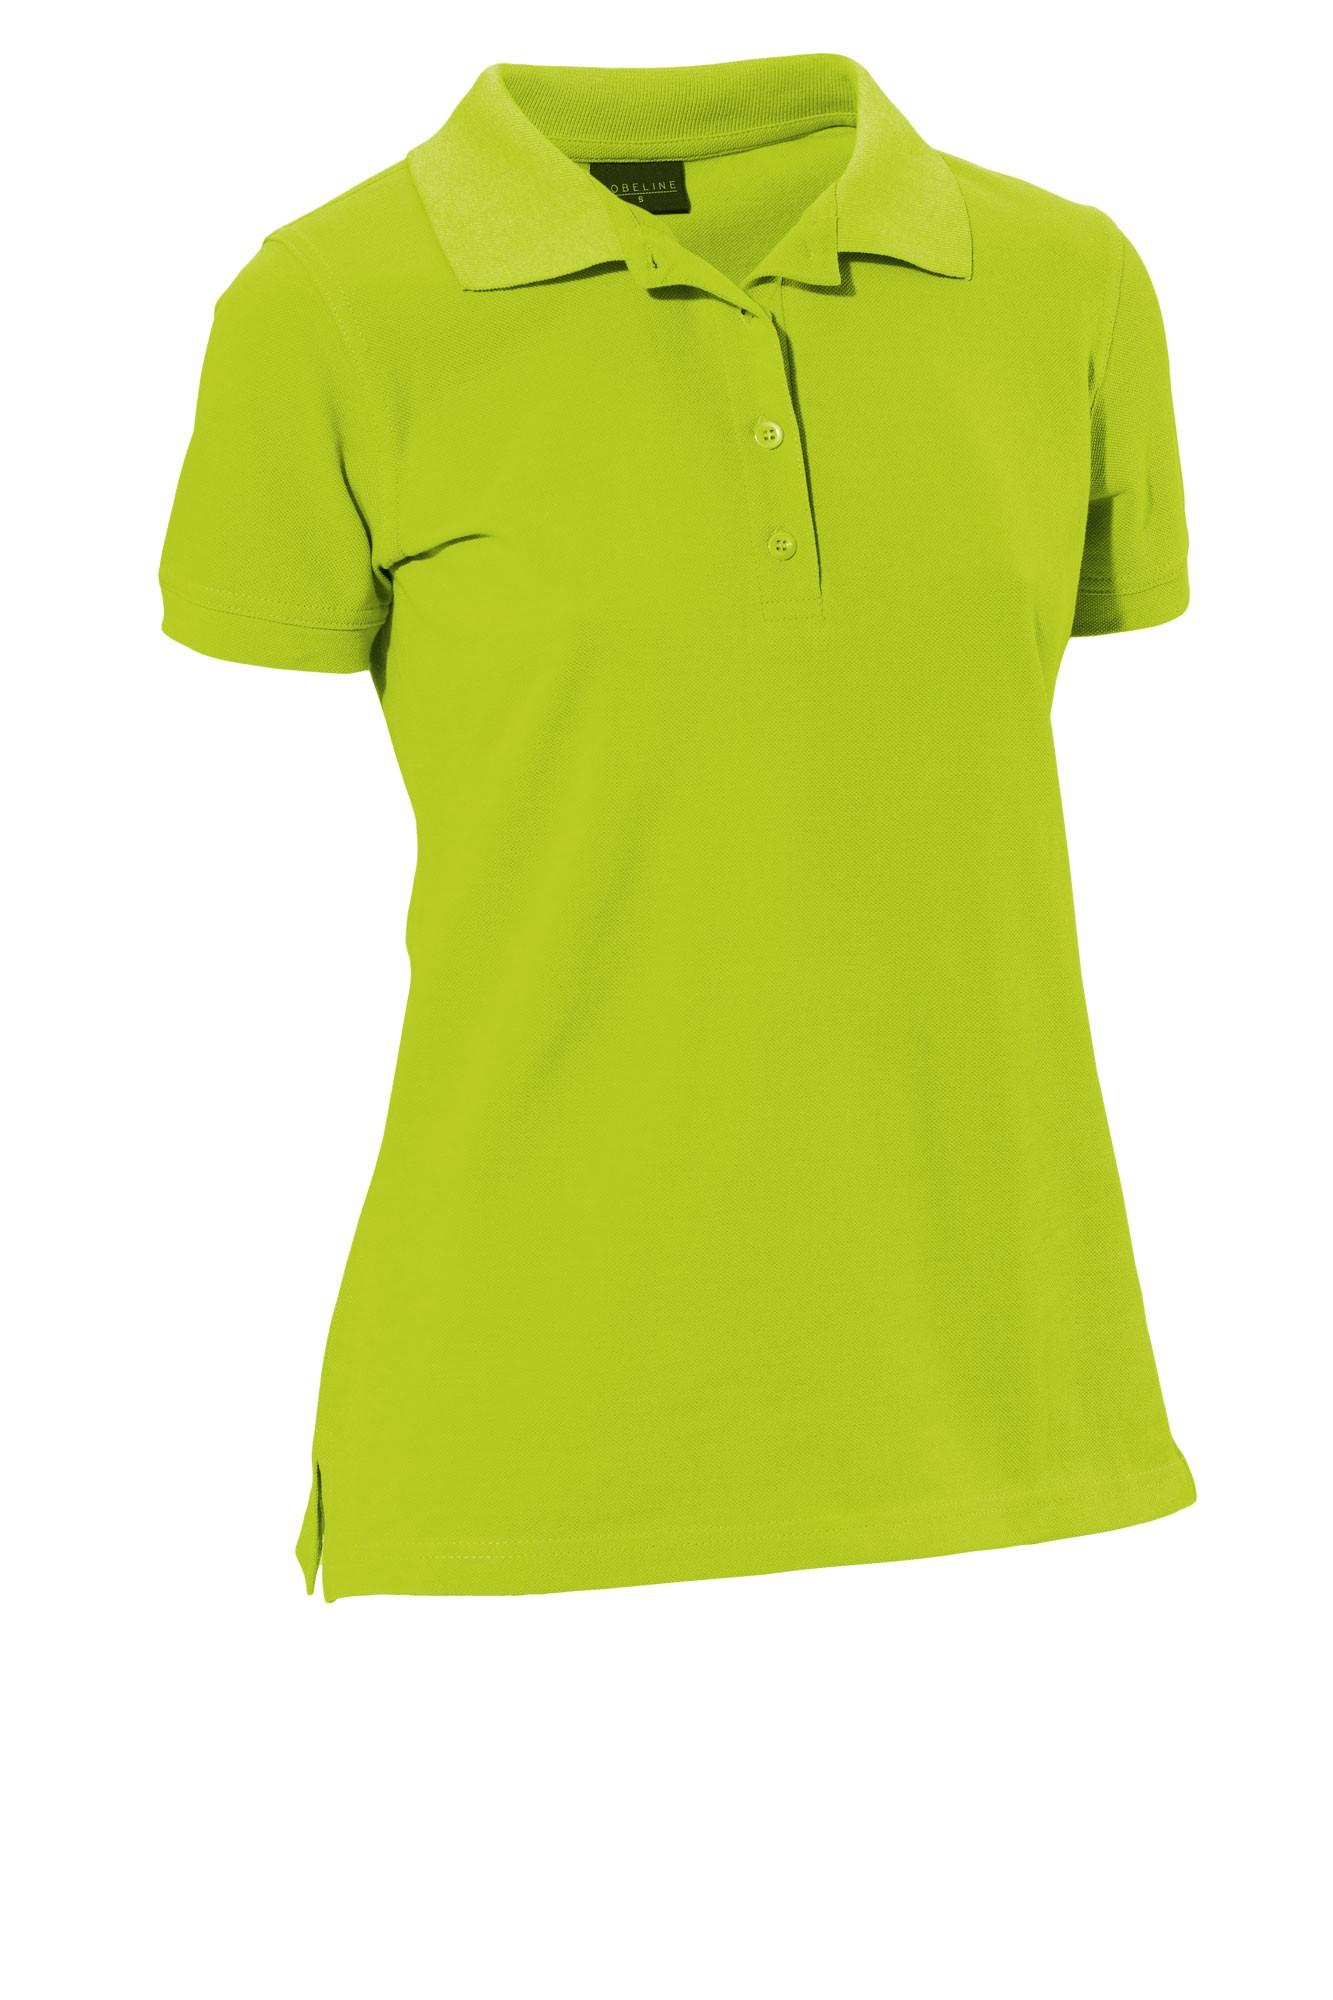 Dámské tričko Fly - zelené jablko